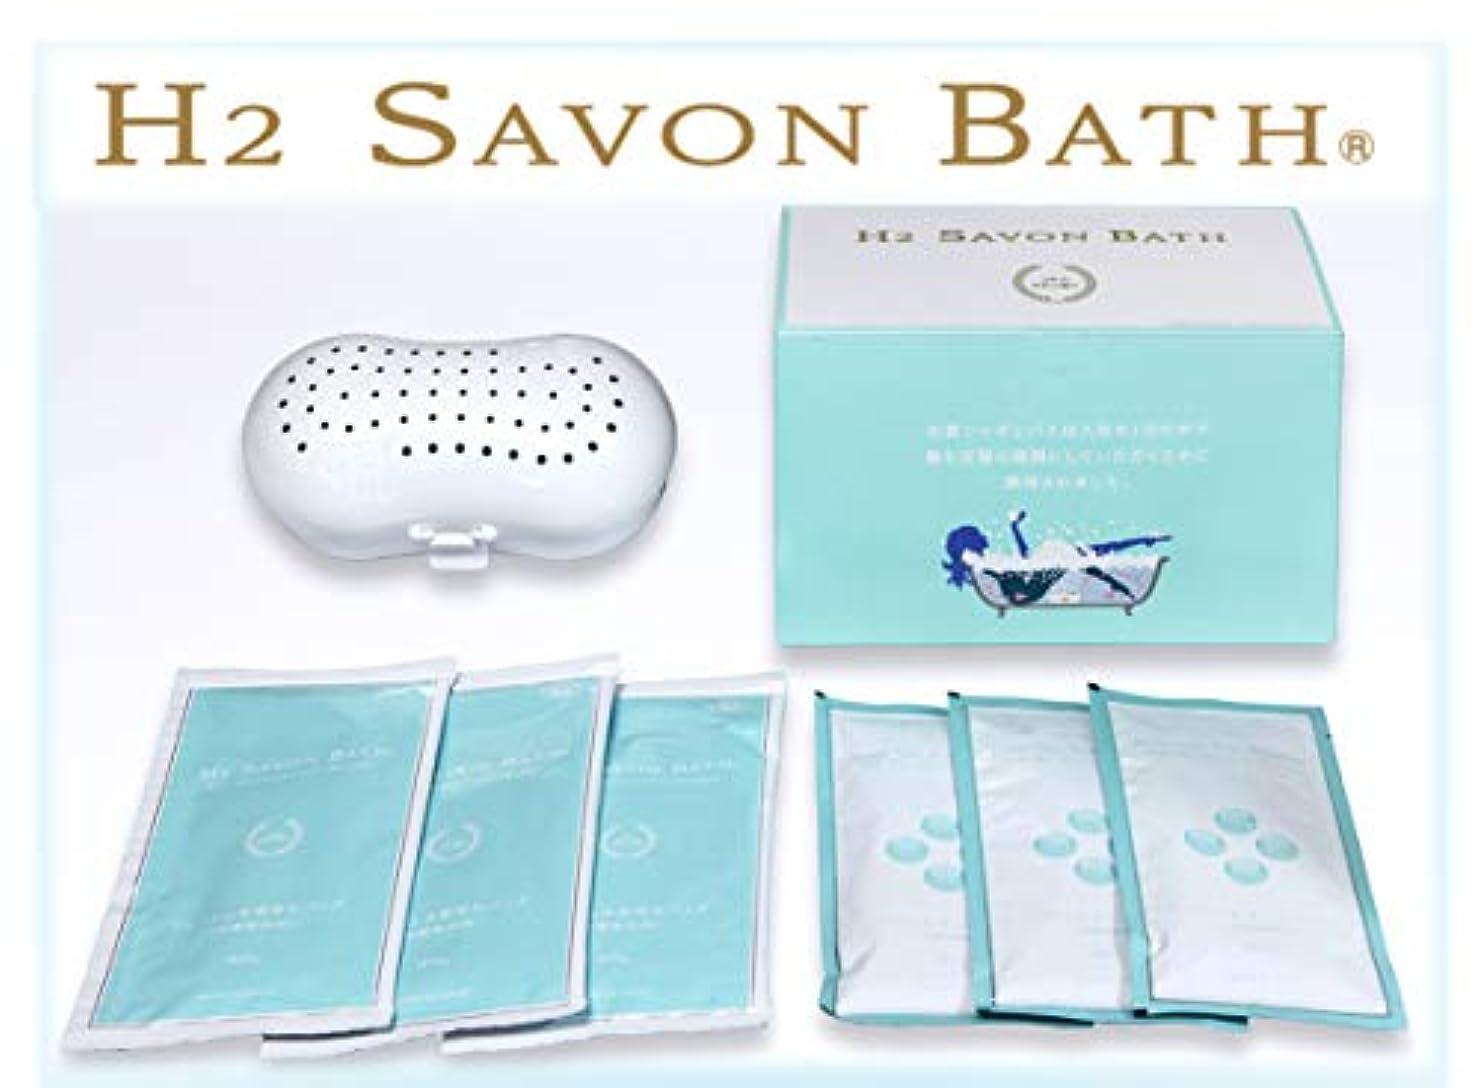 ハブフェデレーションオーバーフローH2 SAVON BATH(水素シャボンバス) 【スターターキット 3回分入り?専用ケース付】